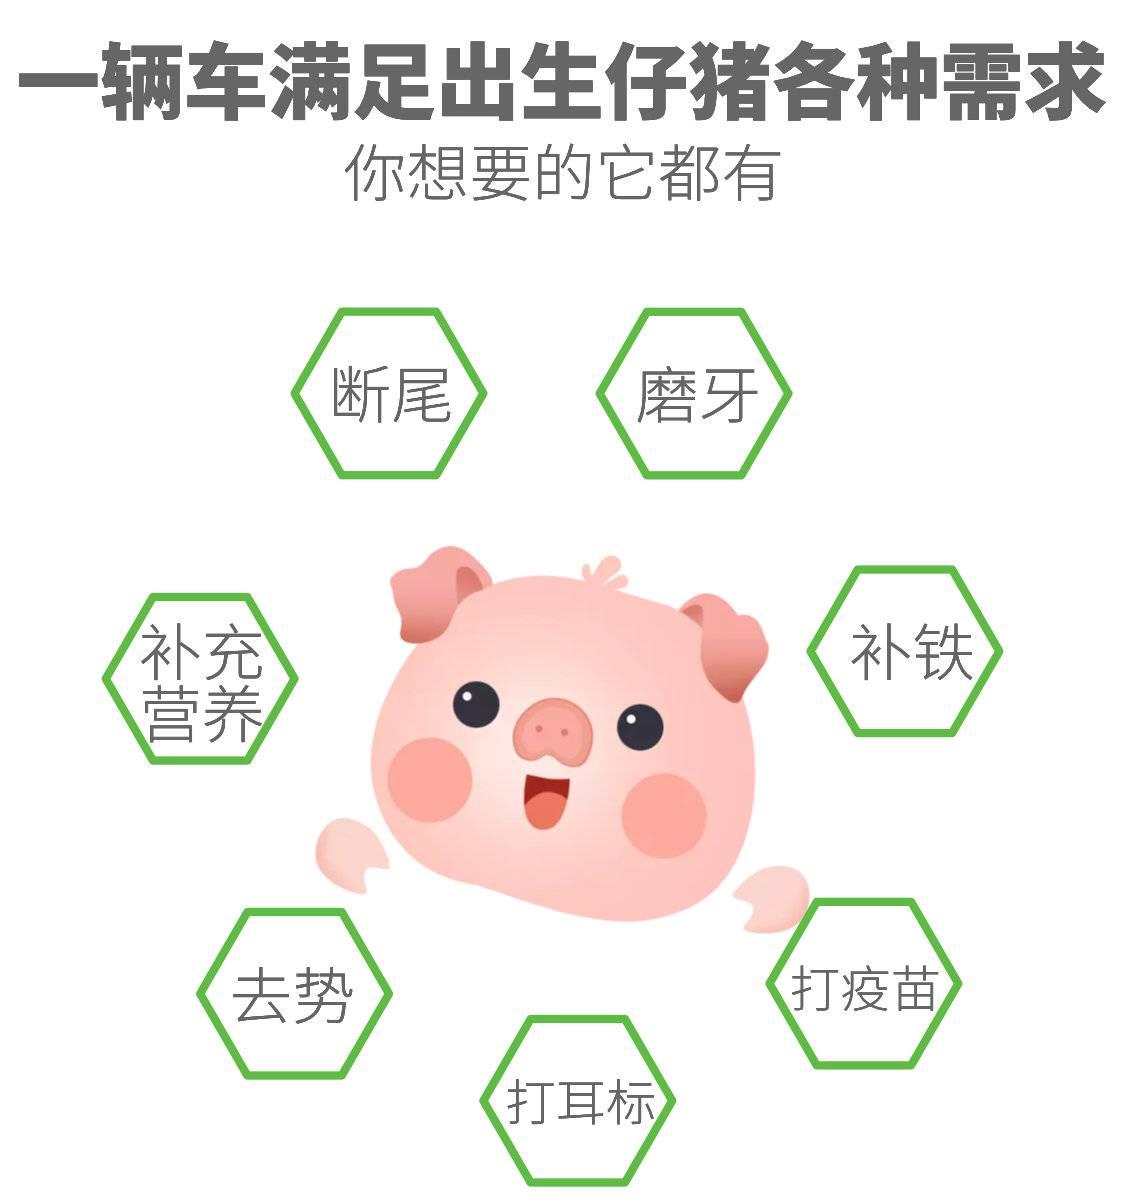 仔猪护理平台4.jpg